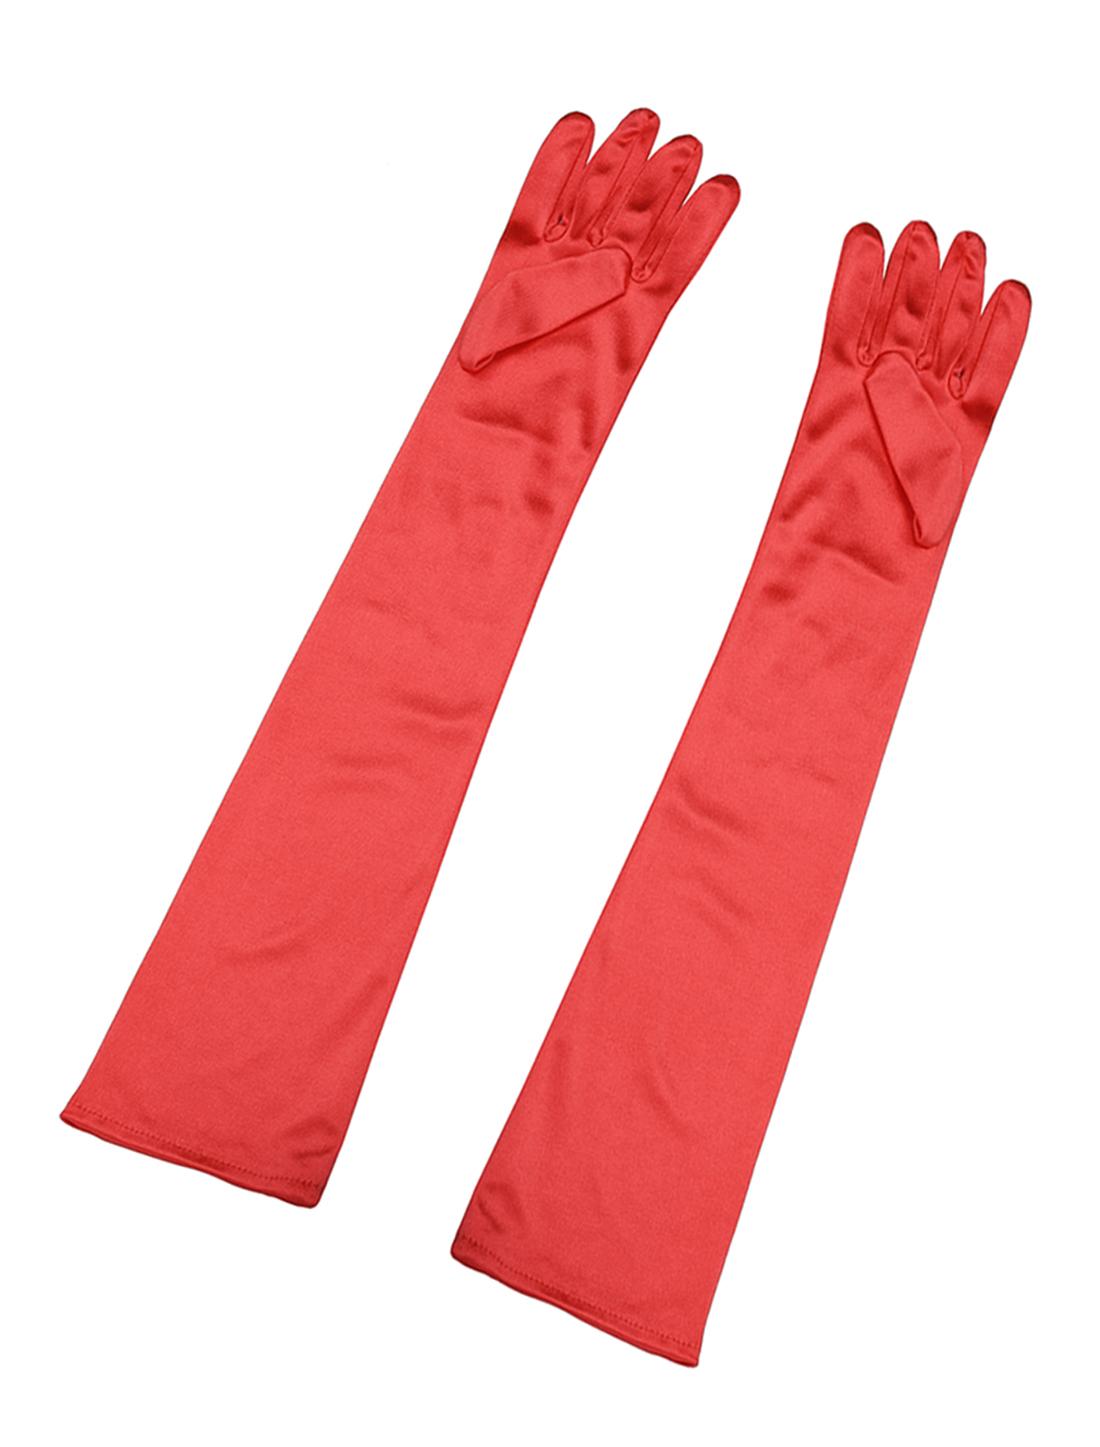 Women Shiny Stretchy Opera Length Full Finger Gloves Pair Red